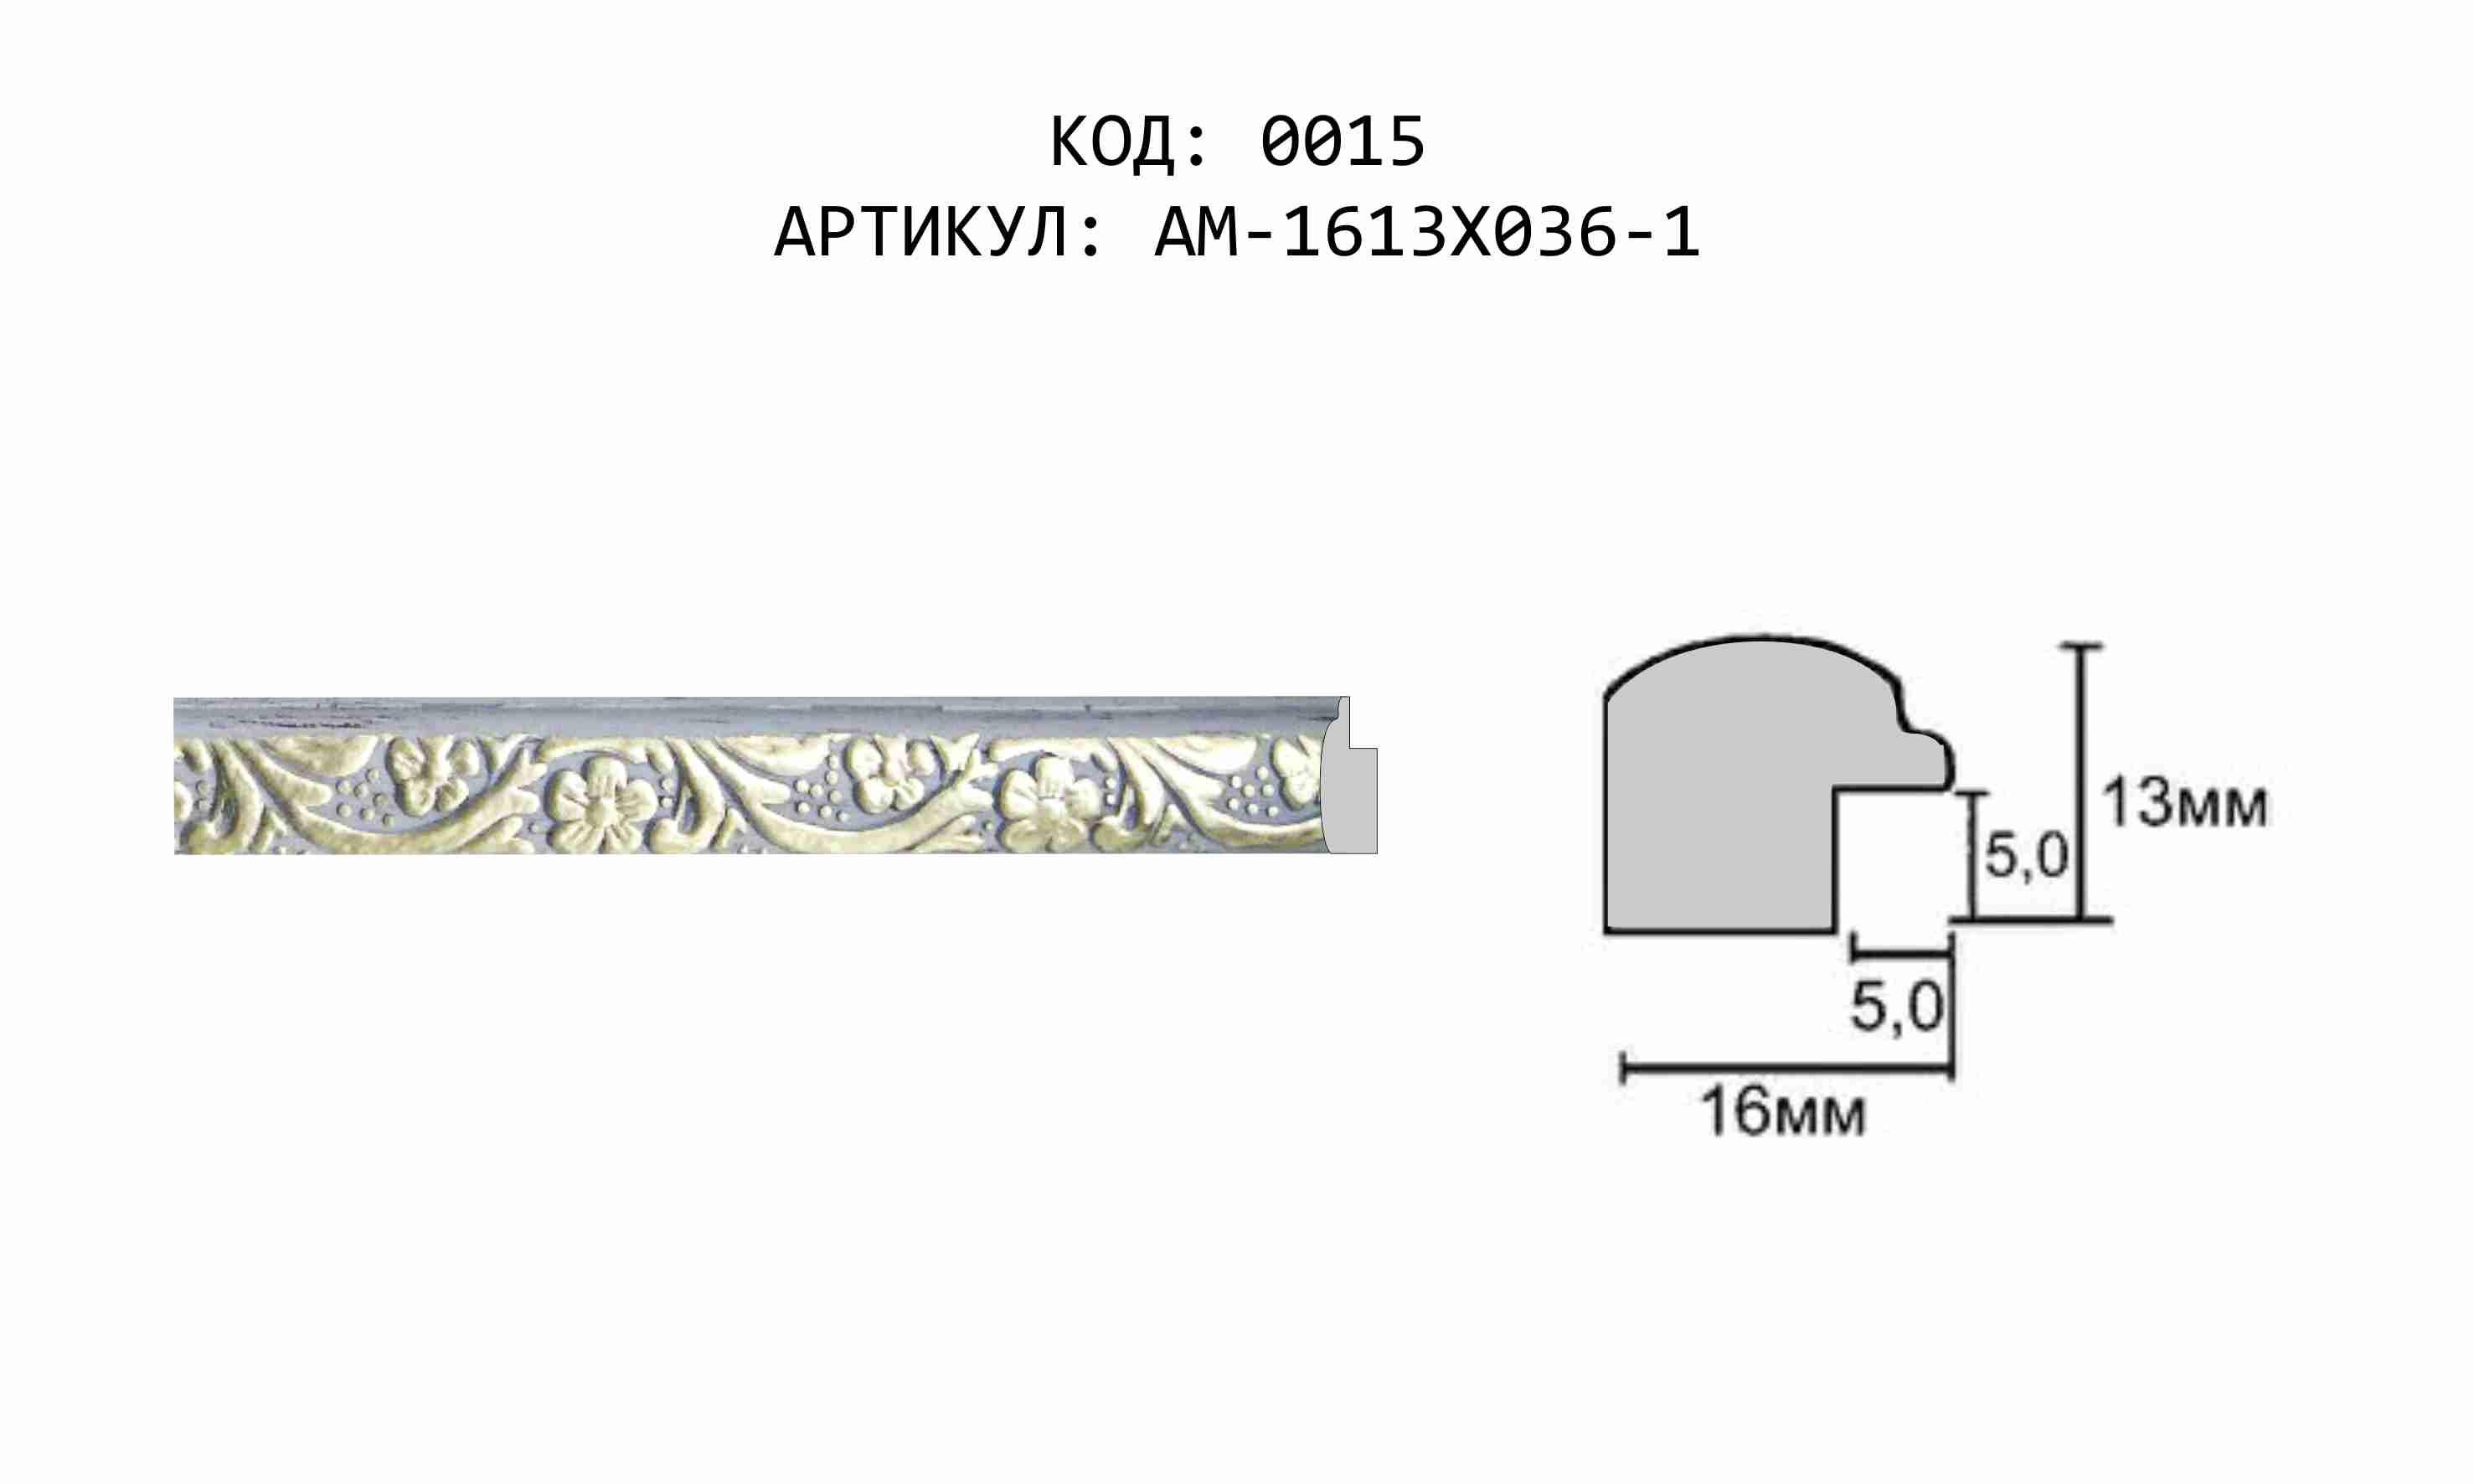 Артикул: AM-1613X036-1